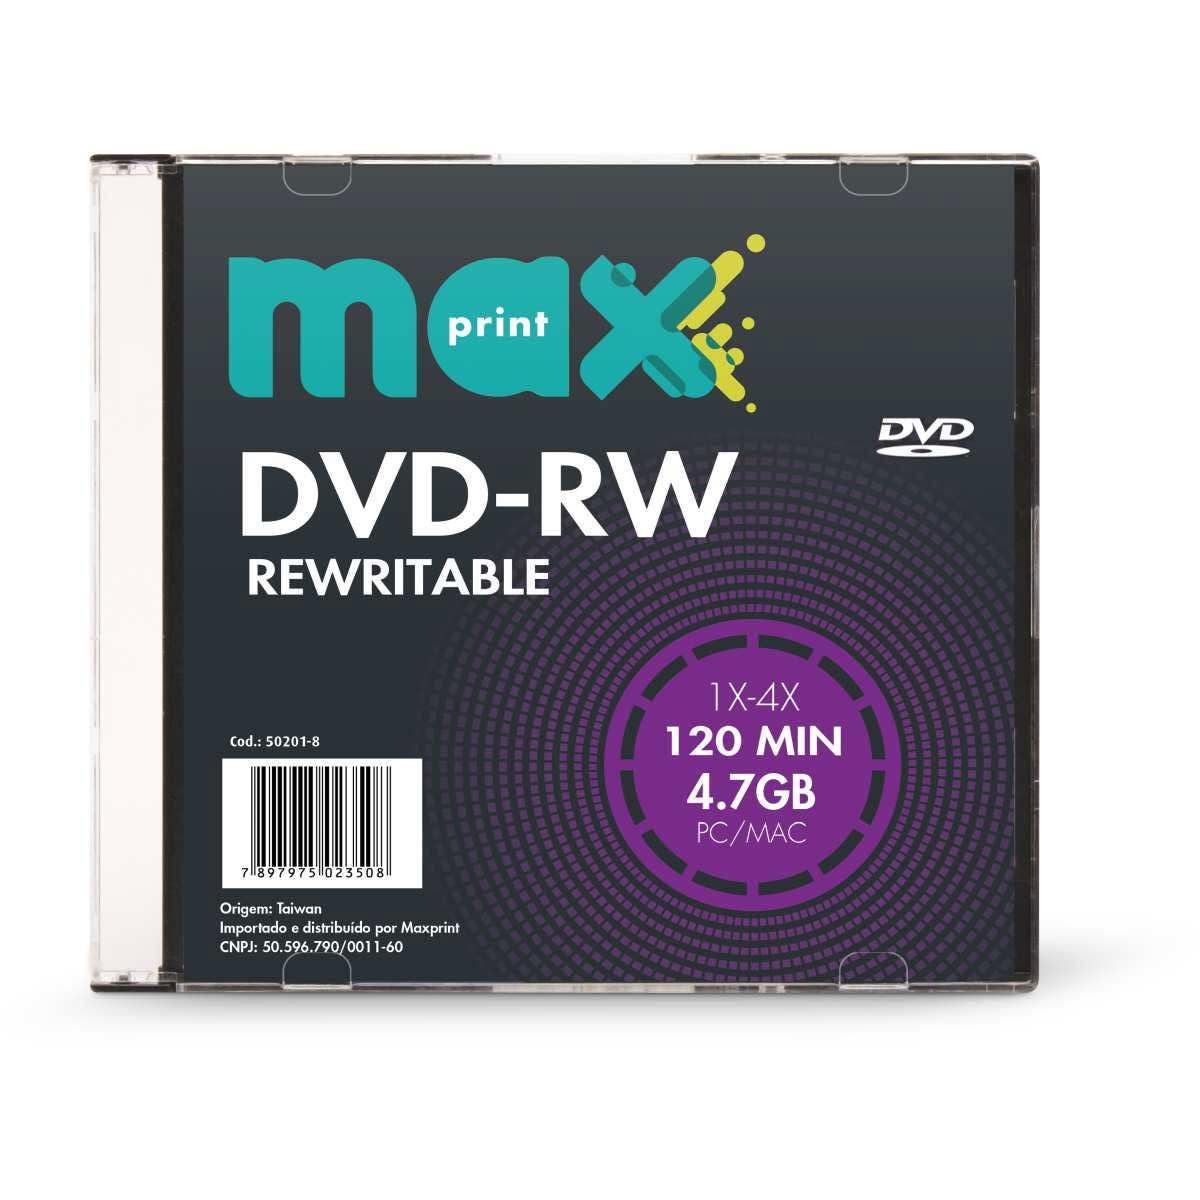 Dvd Regravavel | DVD-RW 4.7/120Min-4X slin | Maxprint